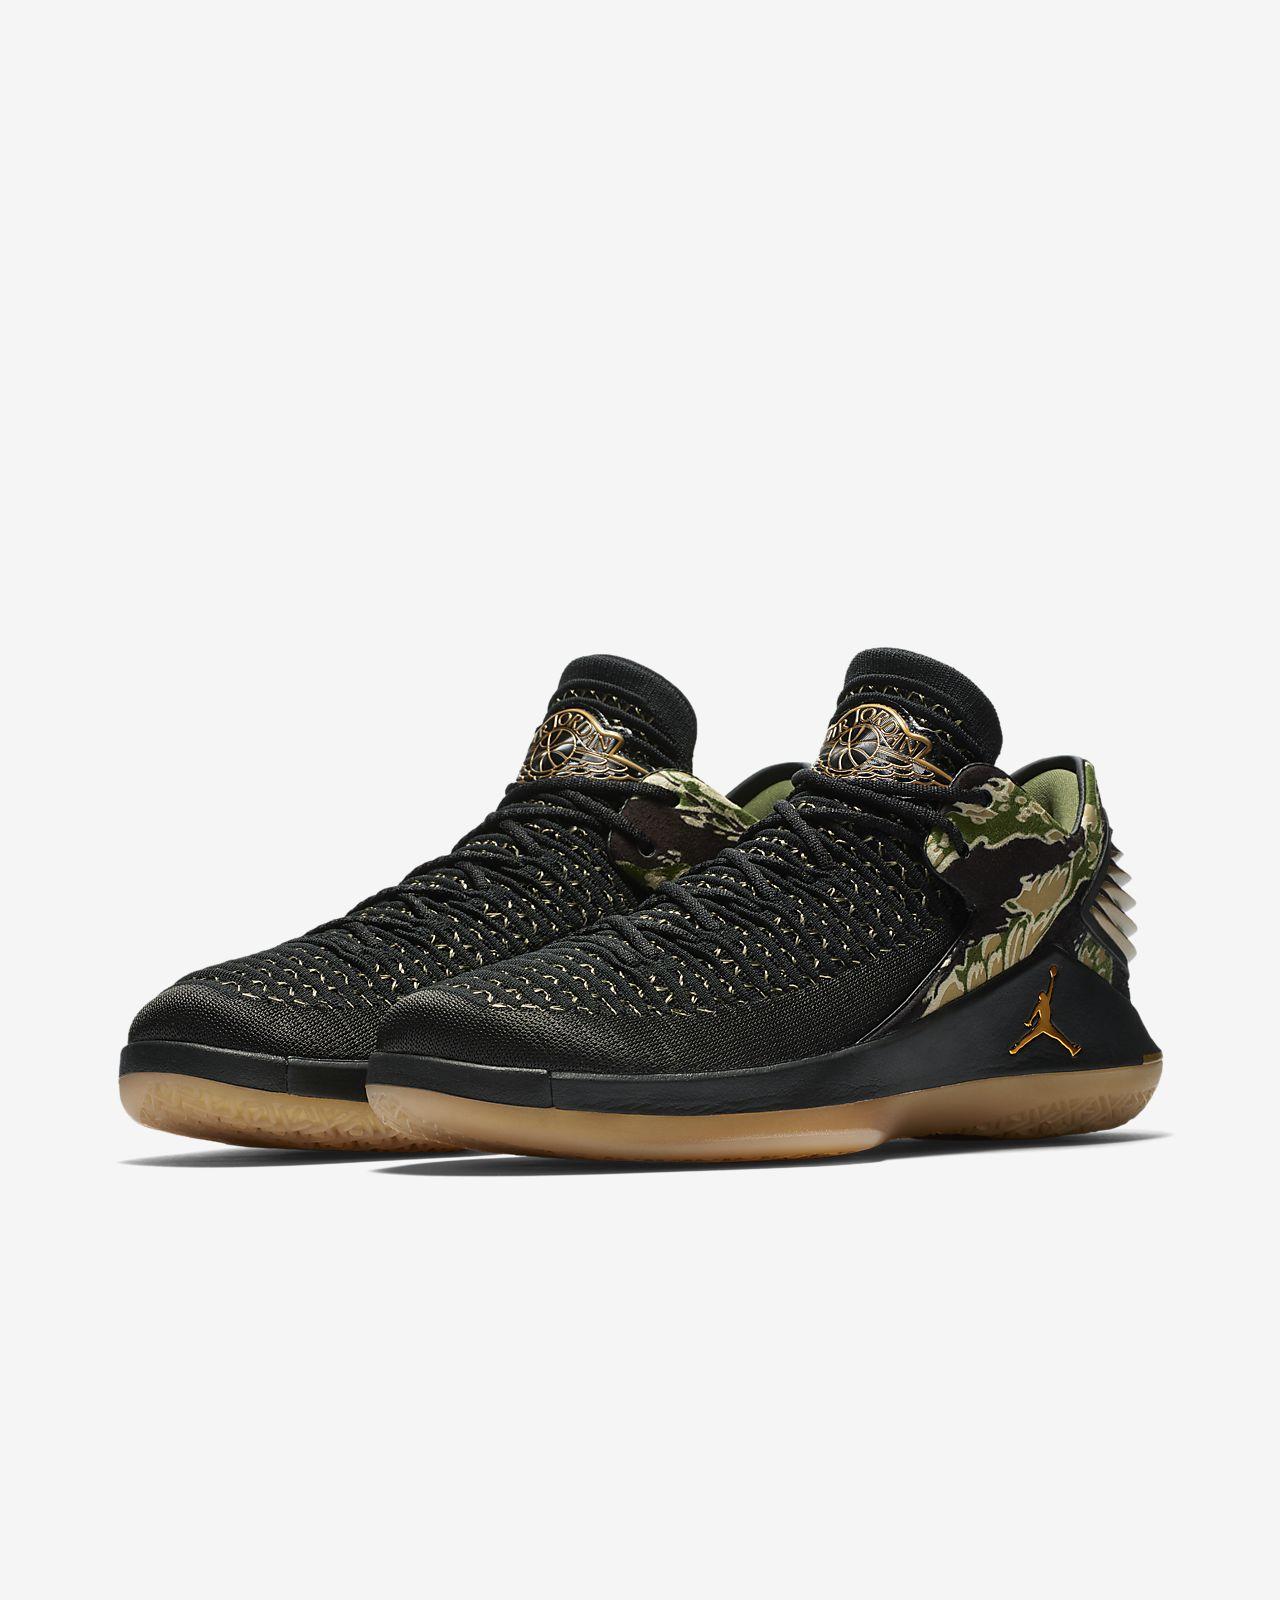 009524182f68 Air Jordan XXXII Low AJ 32 University Blue Black White Metallic Silver Men s  Basketball Shoes